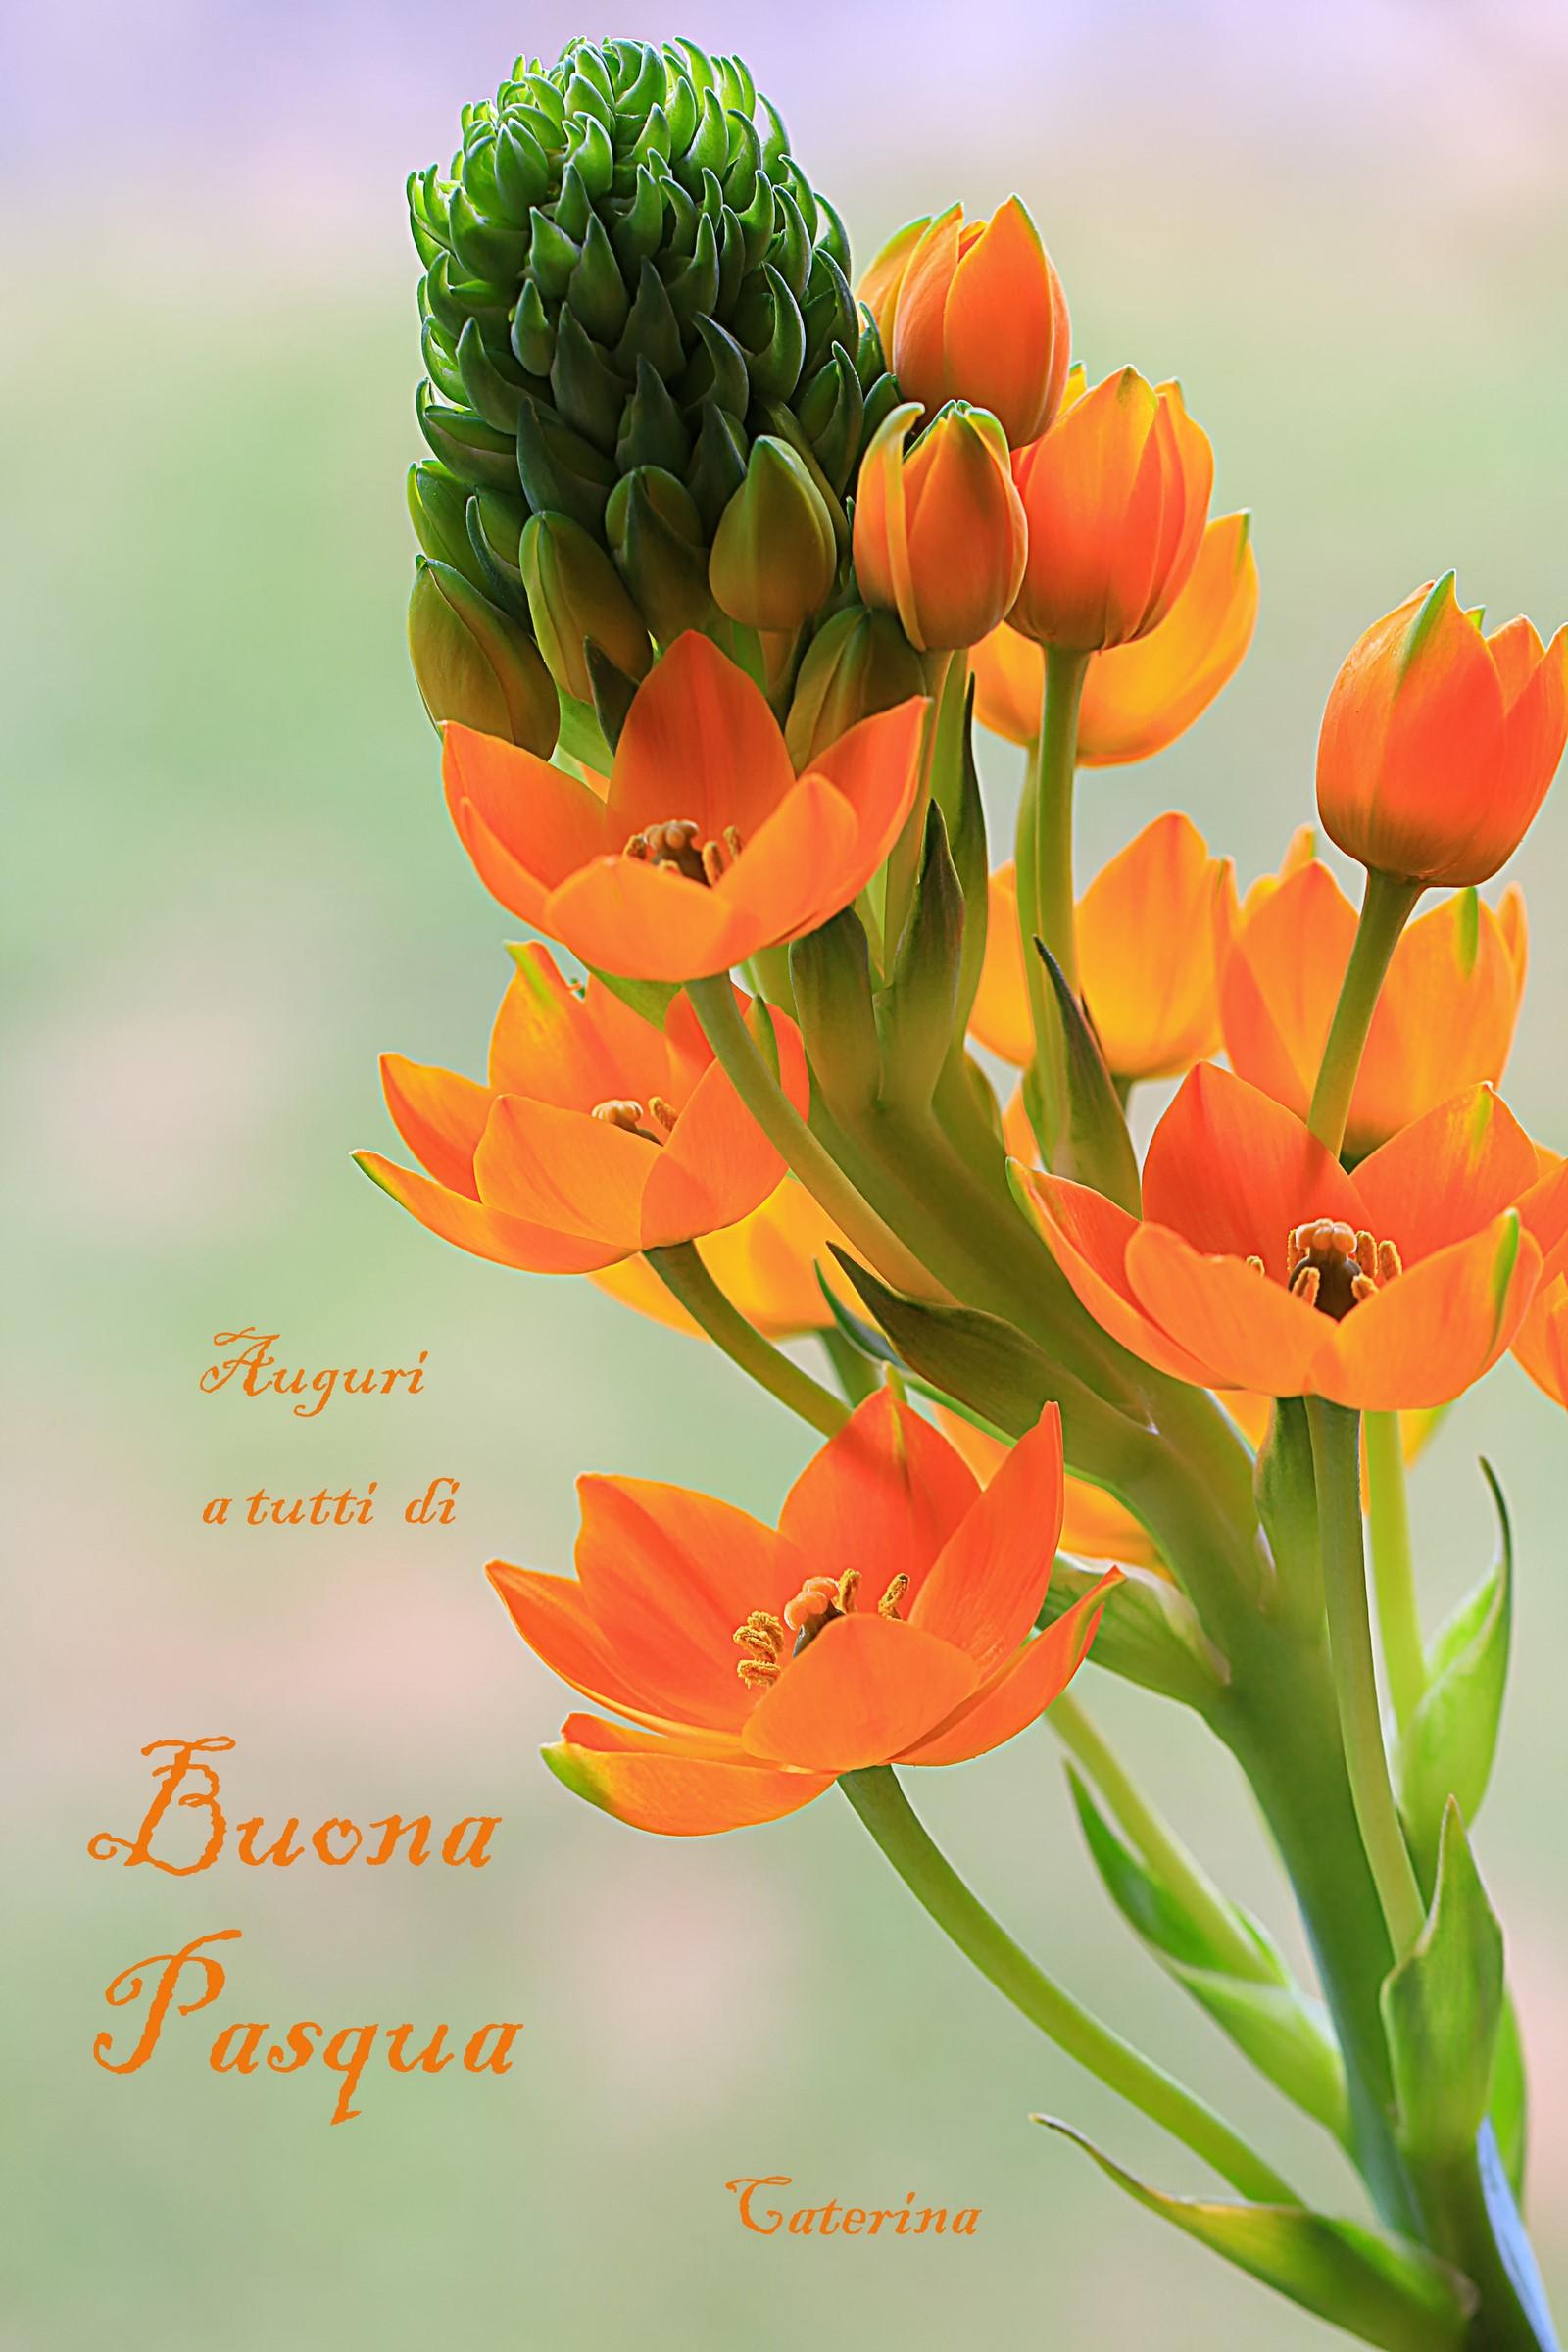 Best wishes!...